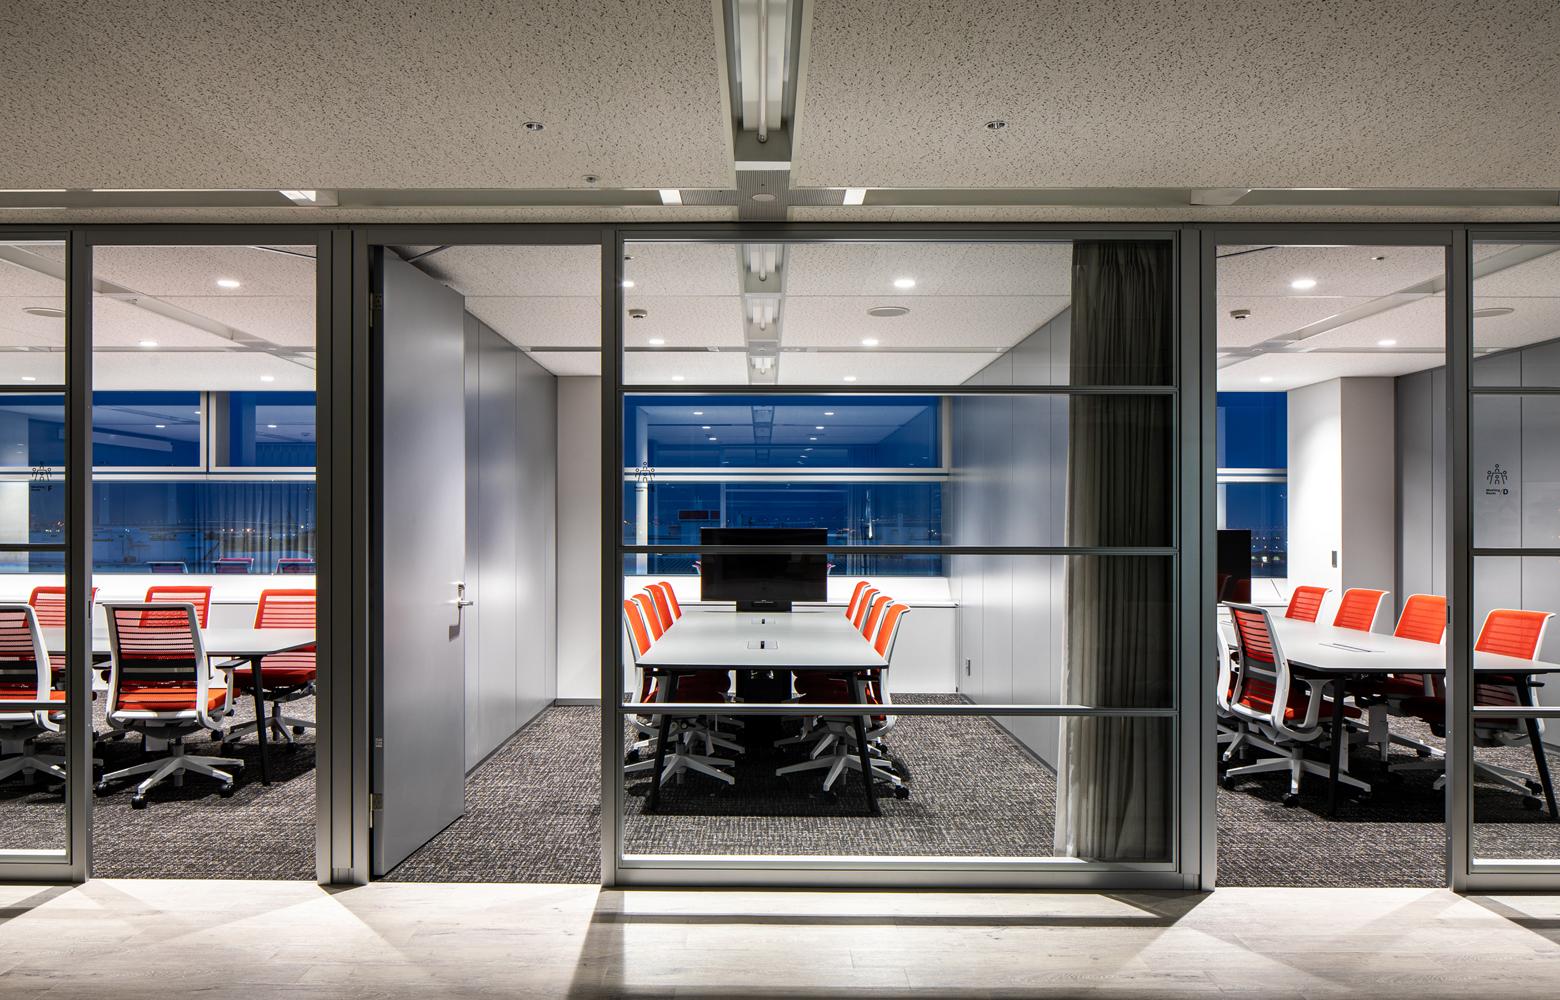 キリンエンジニアリング株式会社 Meeting Room デザイン・レイアウト事例